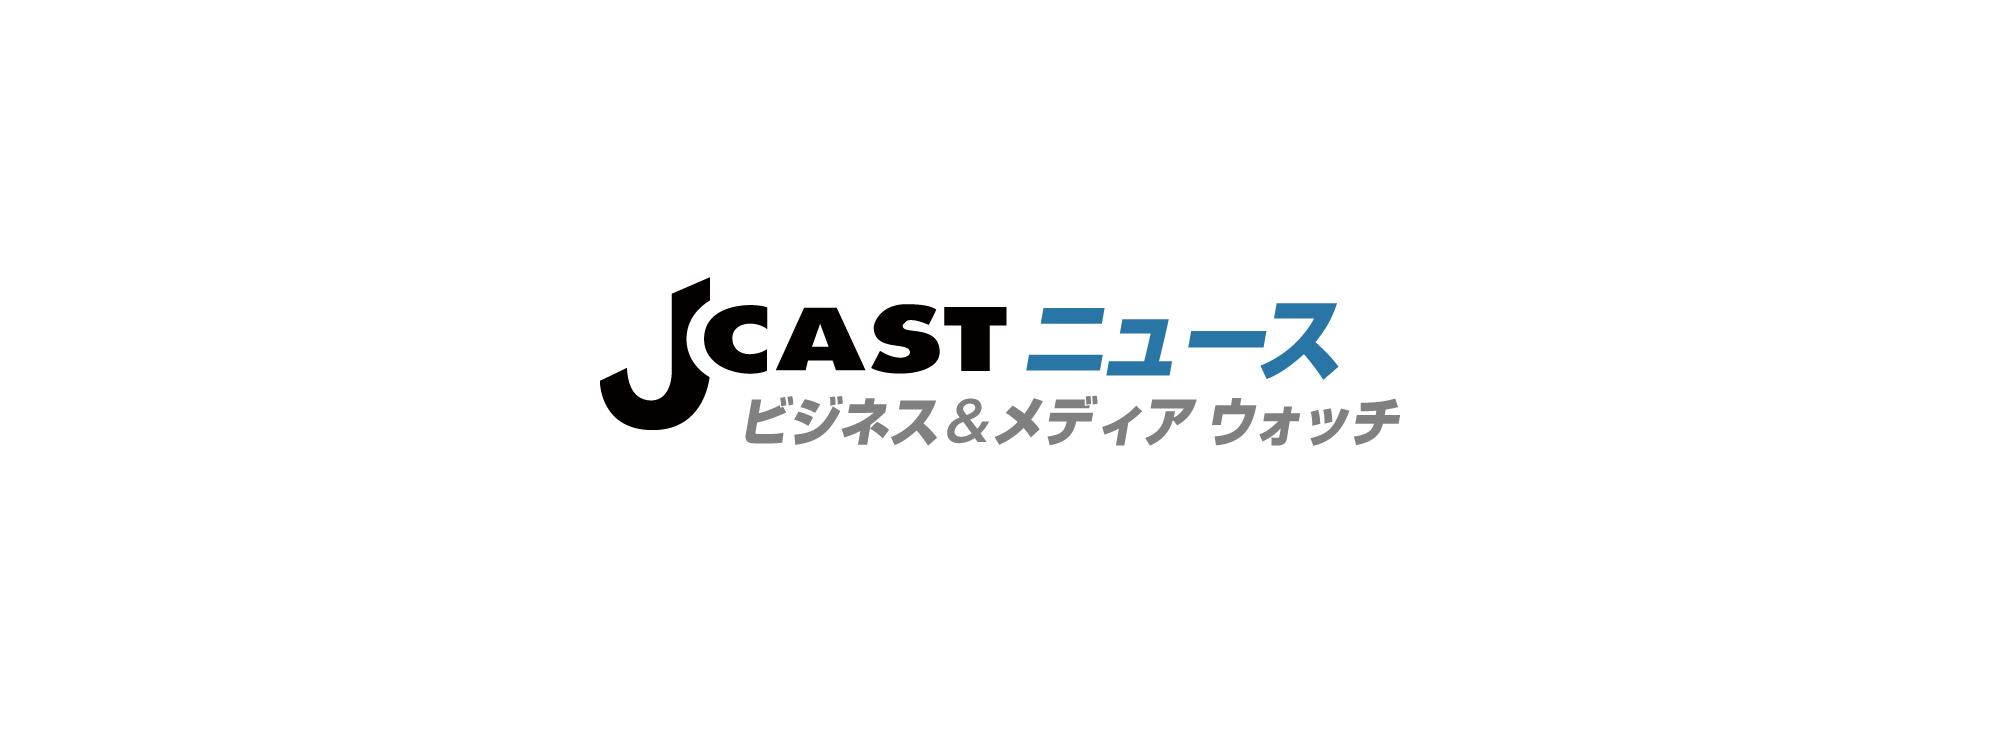 東京・足立で水道水に下水処理水が混入する珍事 勝手に配管つないでいたのが原因 : J-CASTテレビウォッチ